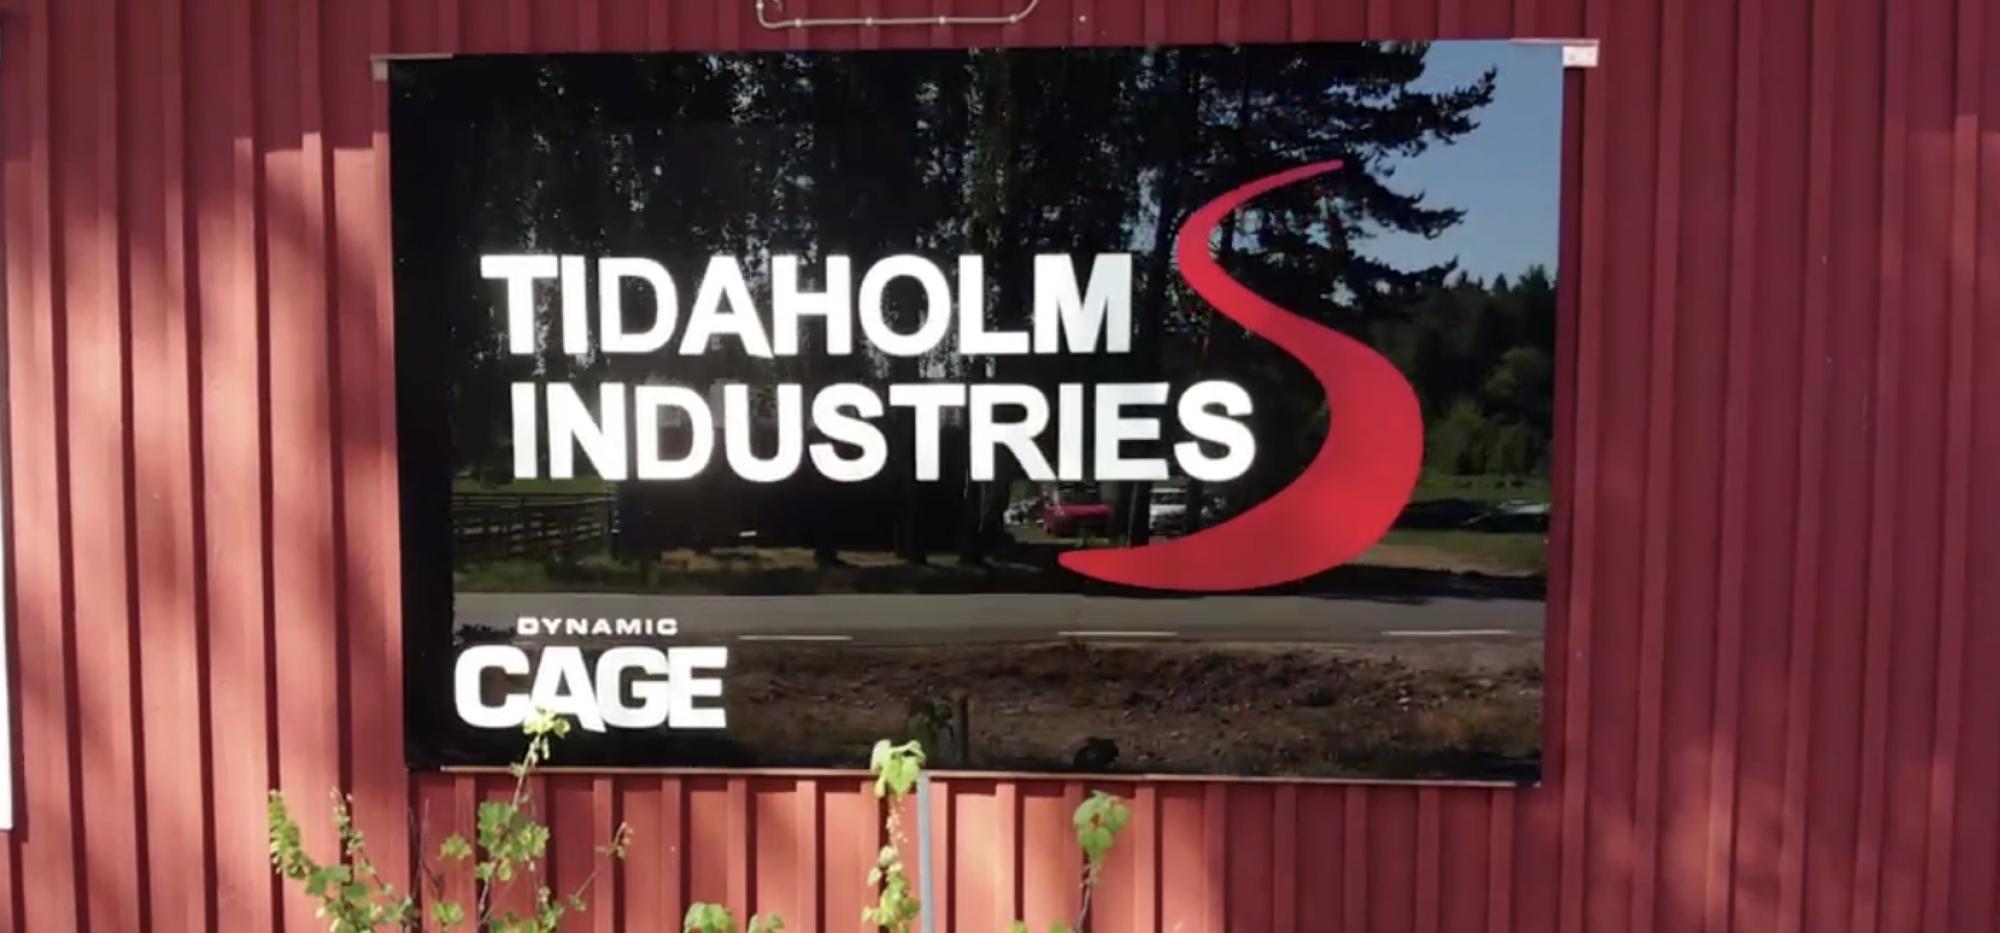 Tidaholm Industries